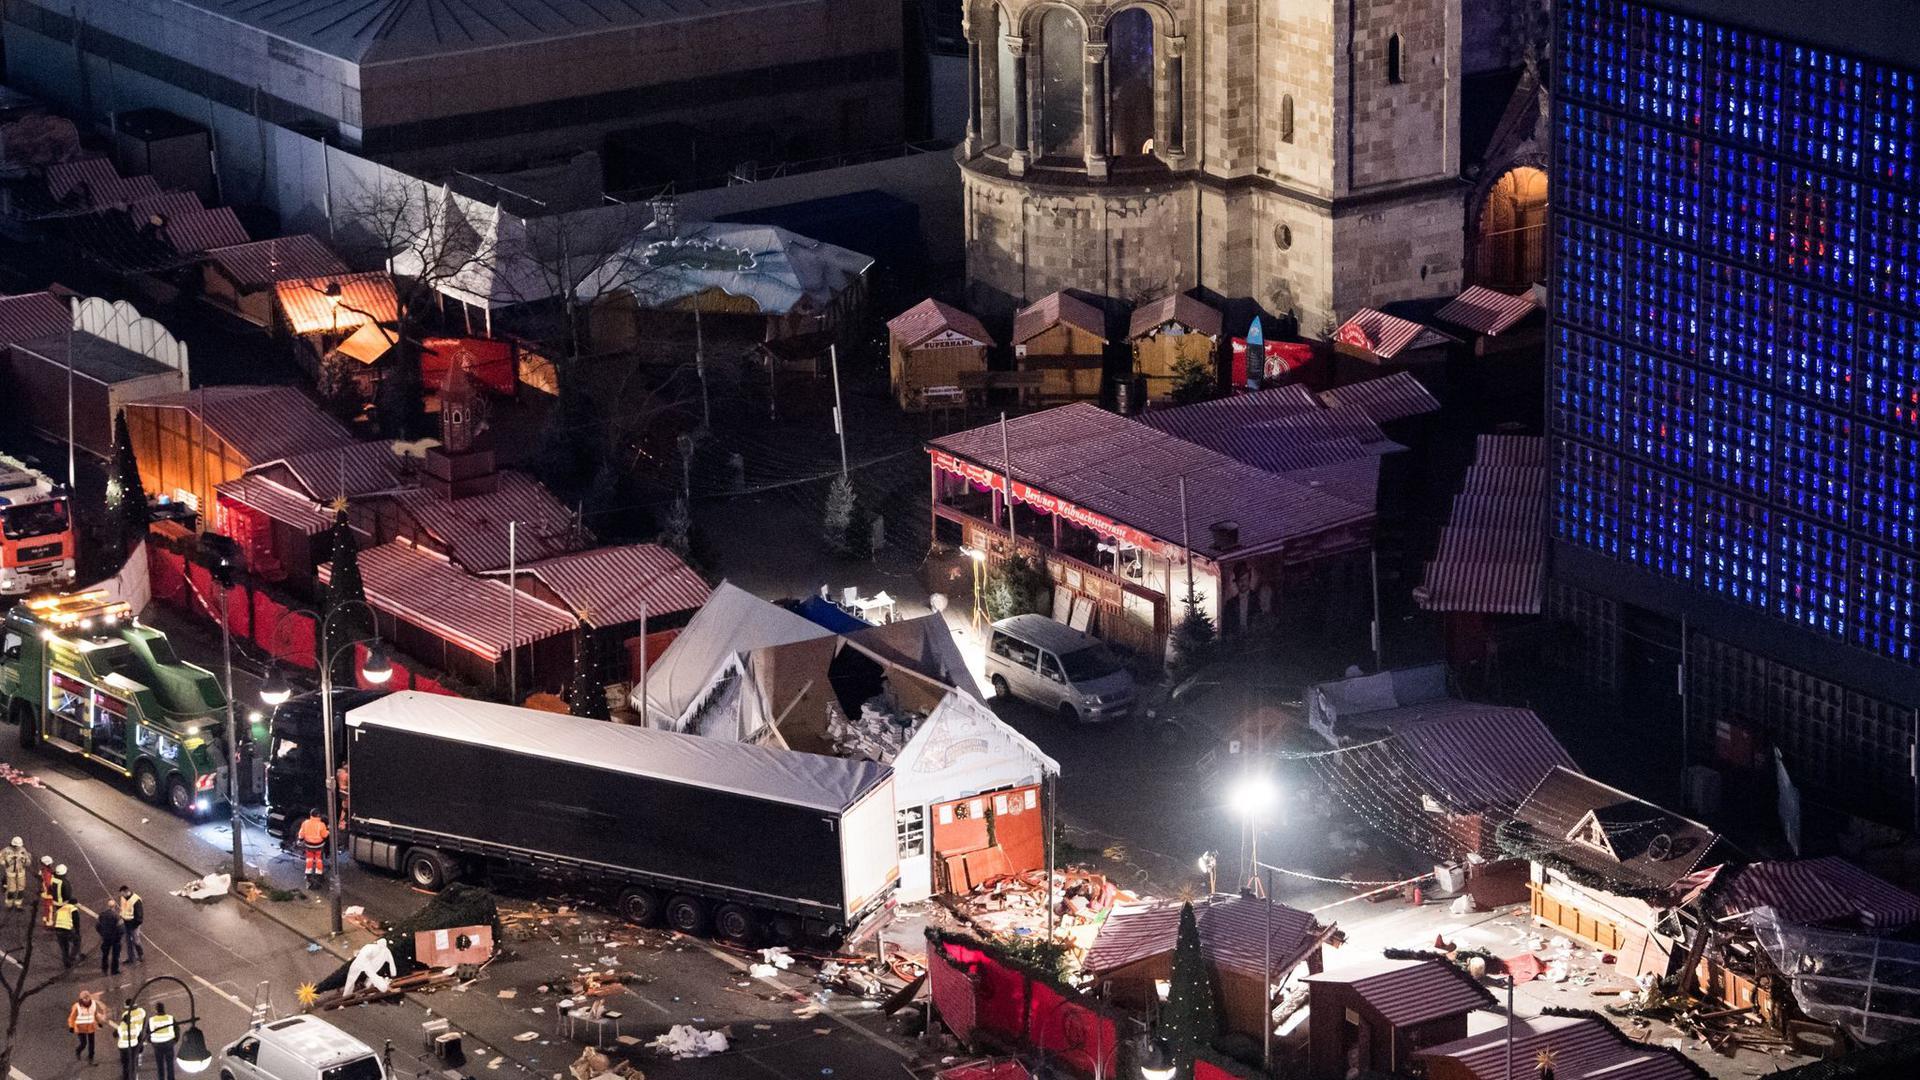 Eine Schneise der Verwüstung ist am auf dem Weihnachtsmarkt am Breitscheidplatz in Berlin zu sehen, nachdem der Attentäter Anis Amri mit einem Lastwagen über den Platz gerast war.